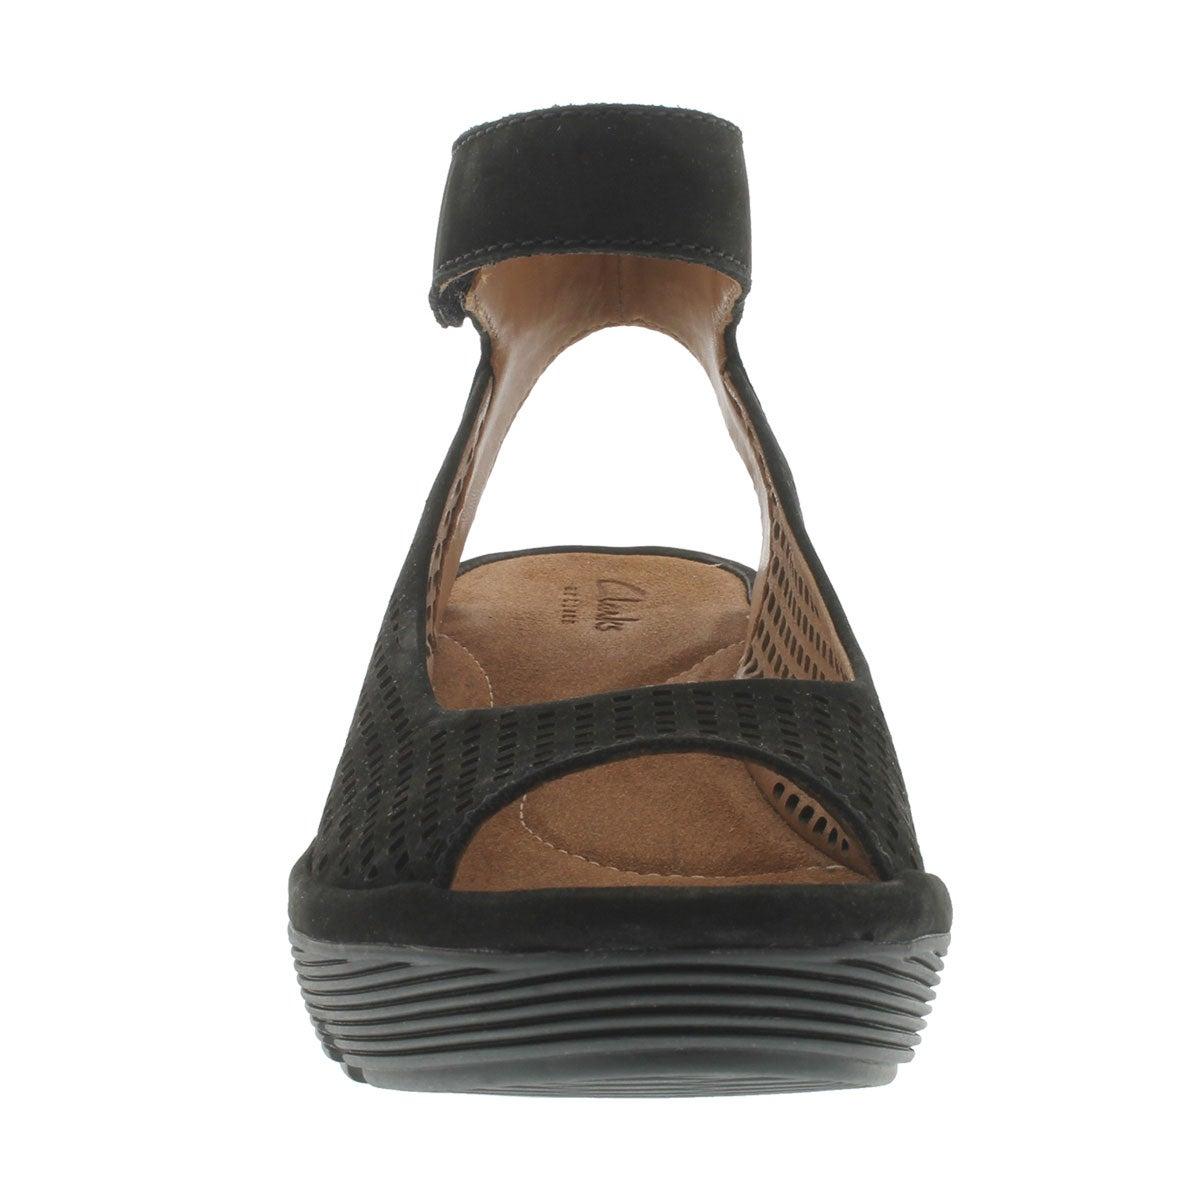 Sandale CLARENE PRIMA, noir, femmes